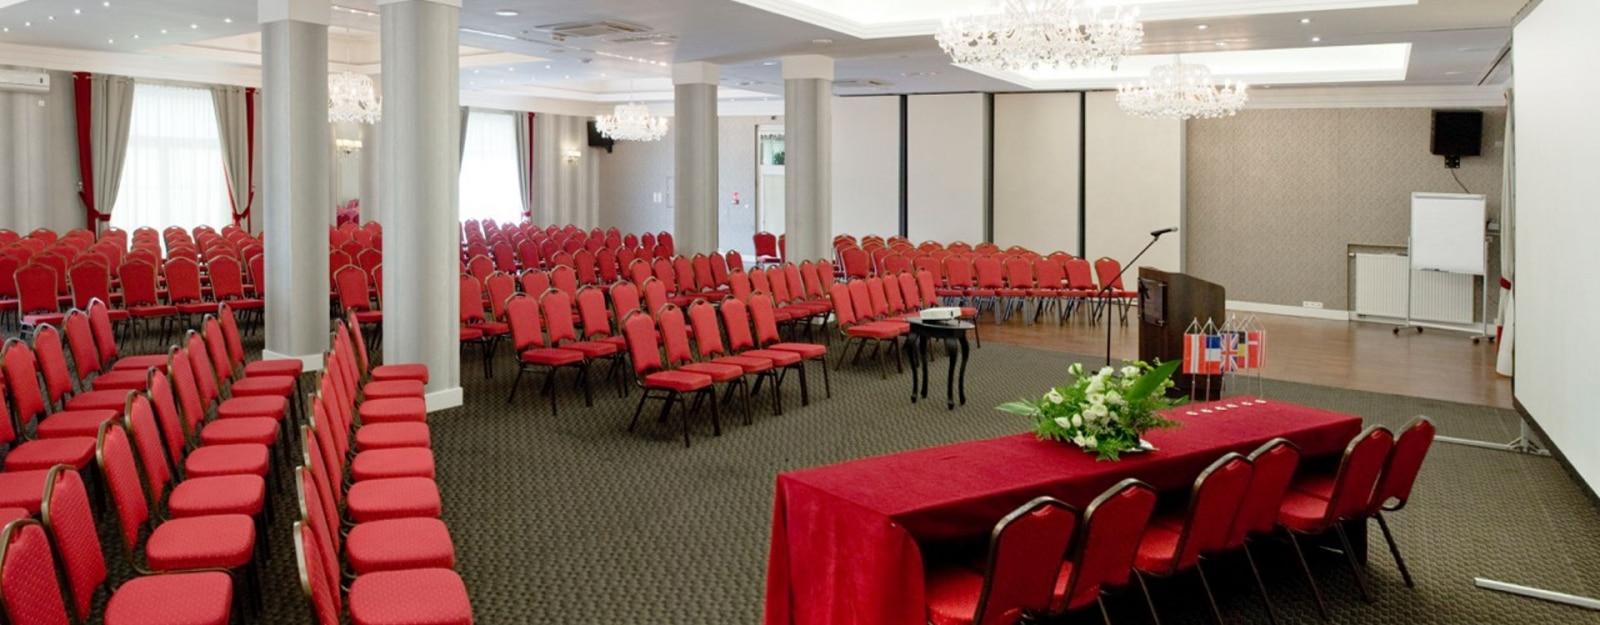 top-konferencje-1920x750 (1)